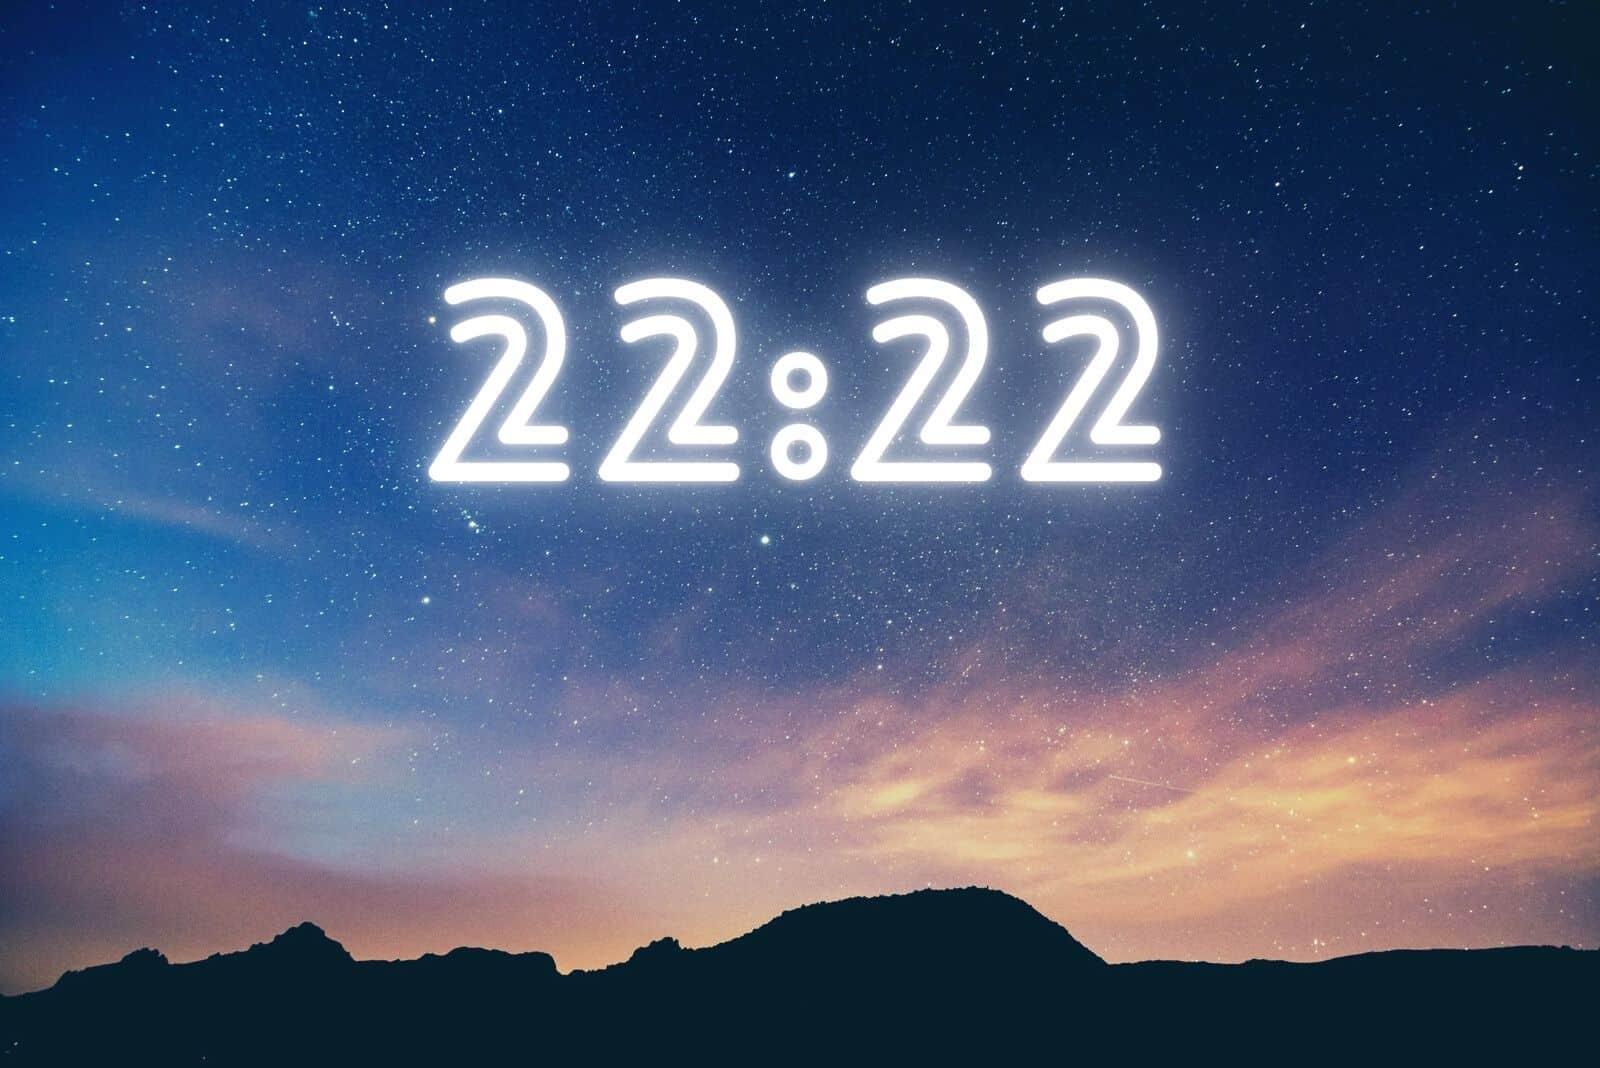 dunkler Nachthimmel mit 22:22 geschrieben